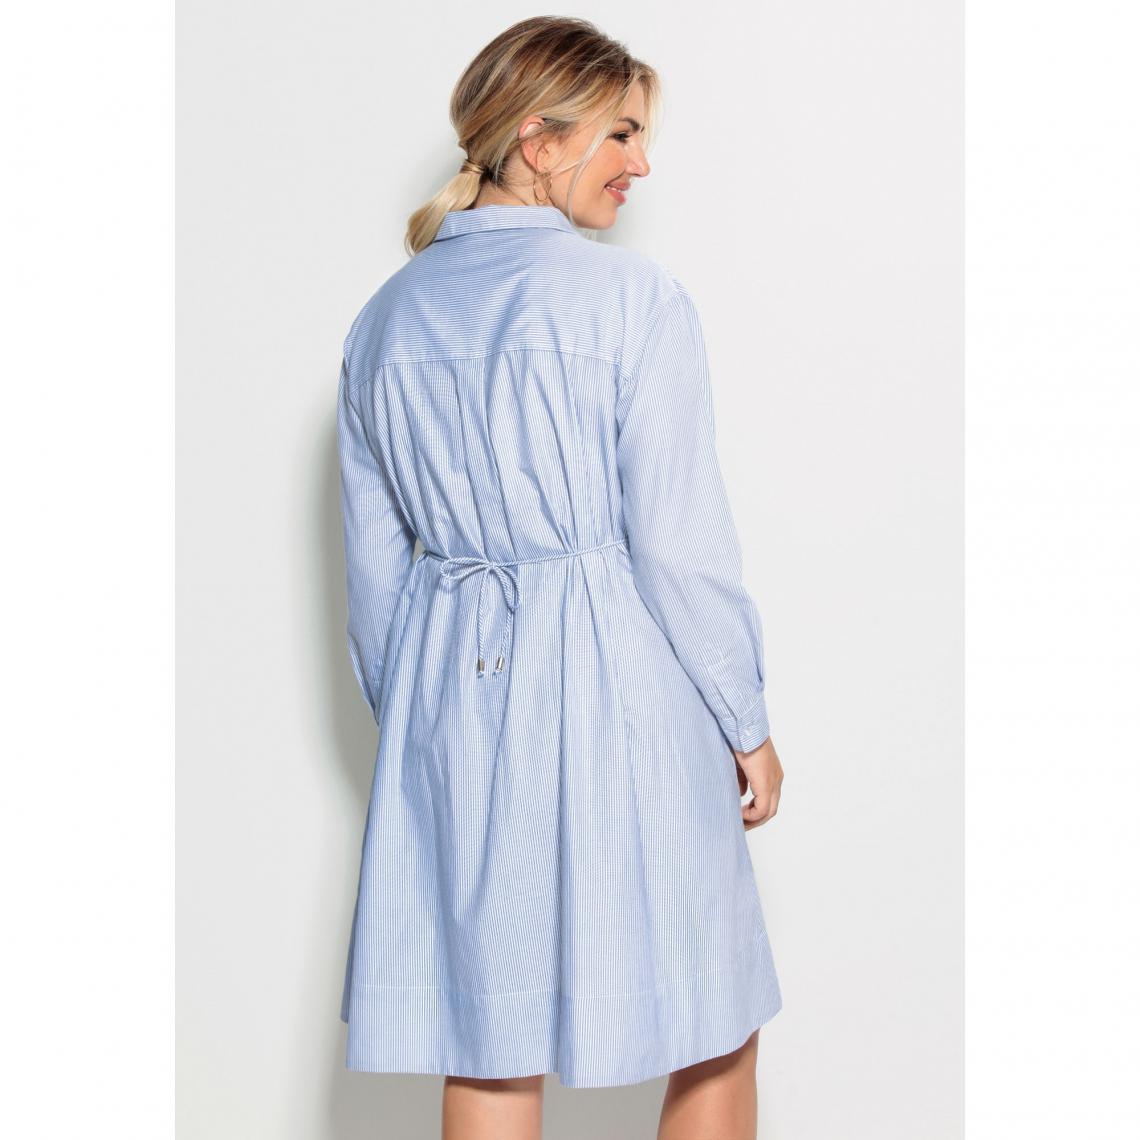 Robe chemise rayée cordon de serrage manches longues grandes tailles femme Imprimé Plus de détails